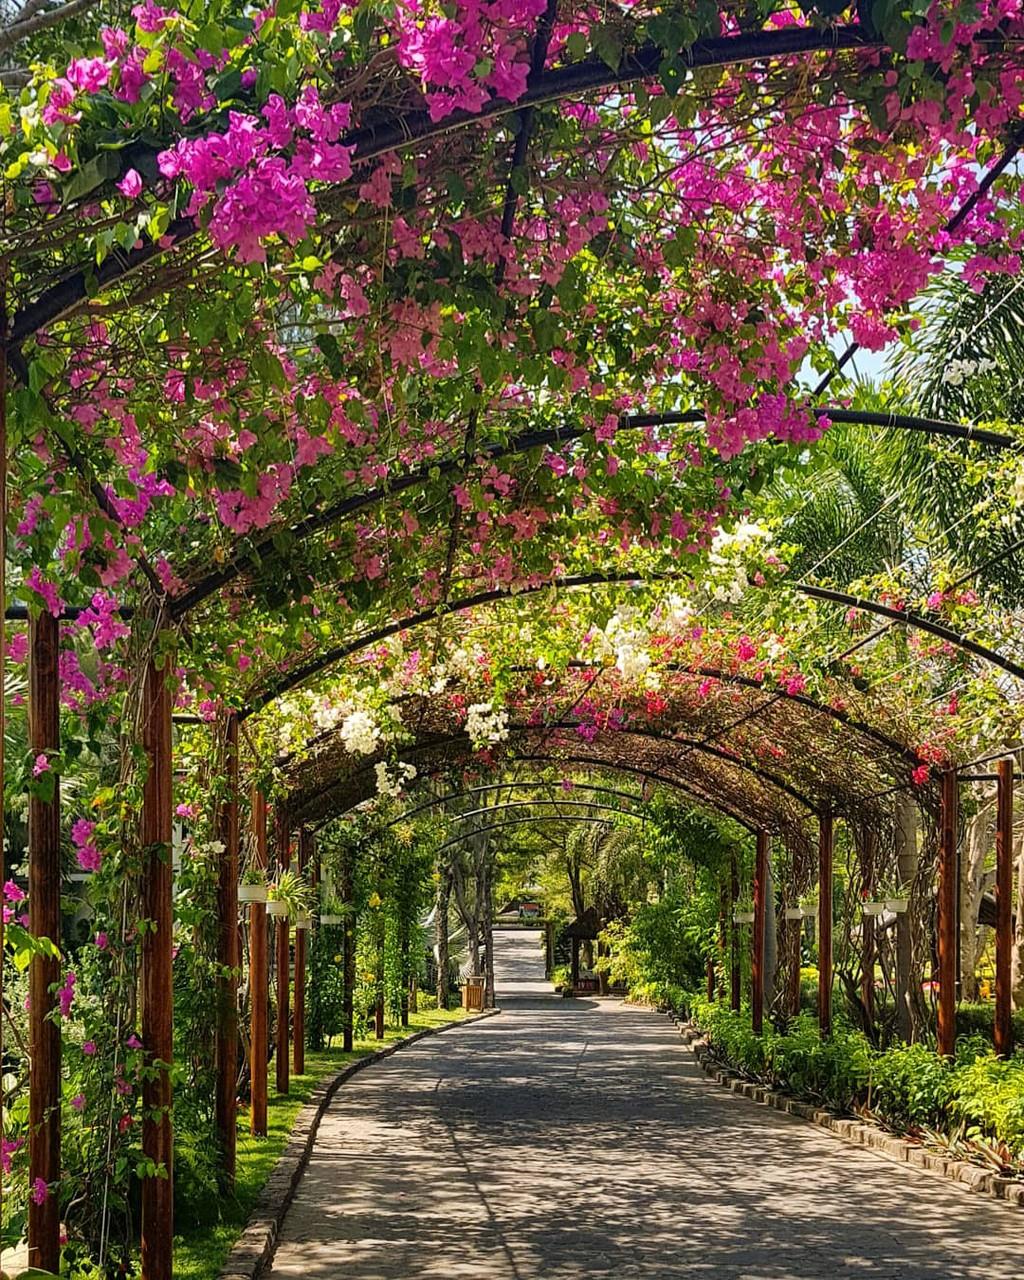 Carmelina - Khu vườn nhiệt đới bên bờ biển - ảnh 3